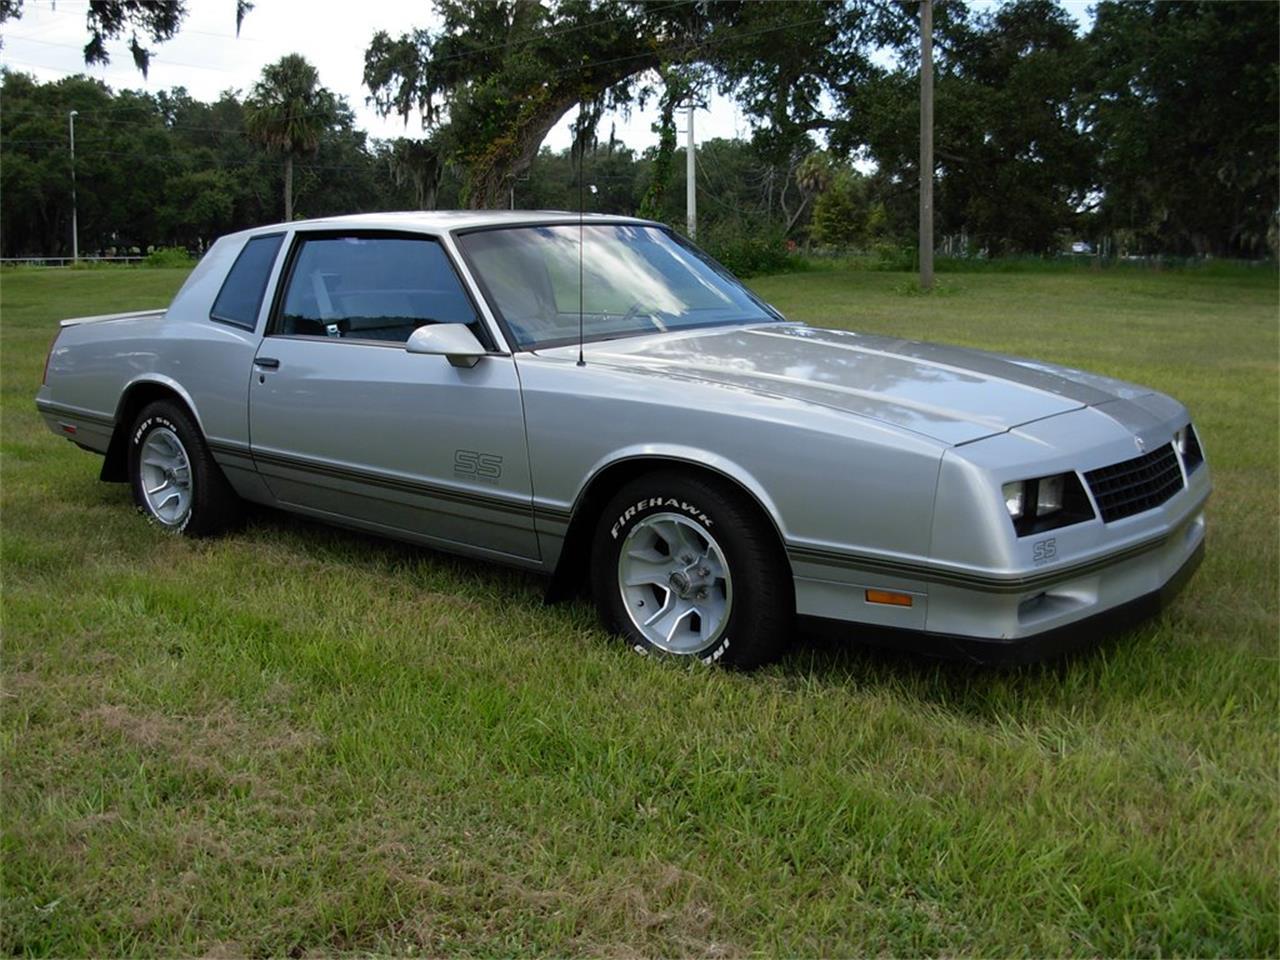 88 Monte Carlo >> 1988 Chevrolet Monte Carlo For Sale Classiccars Com Cc